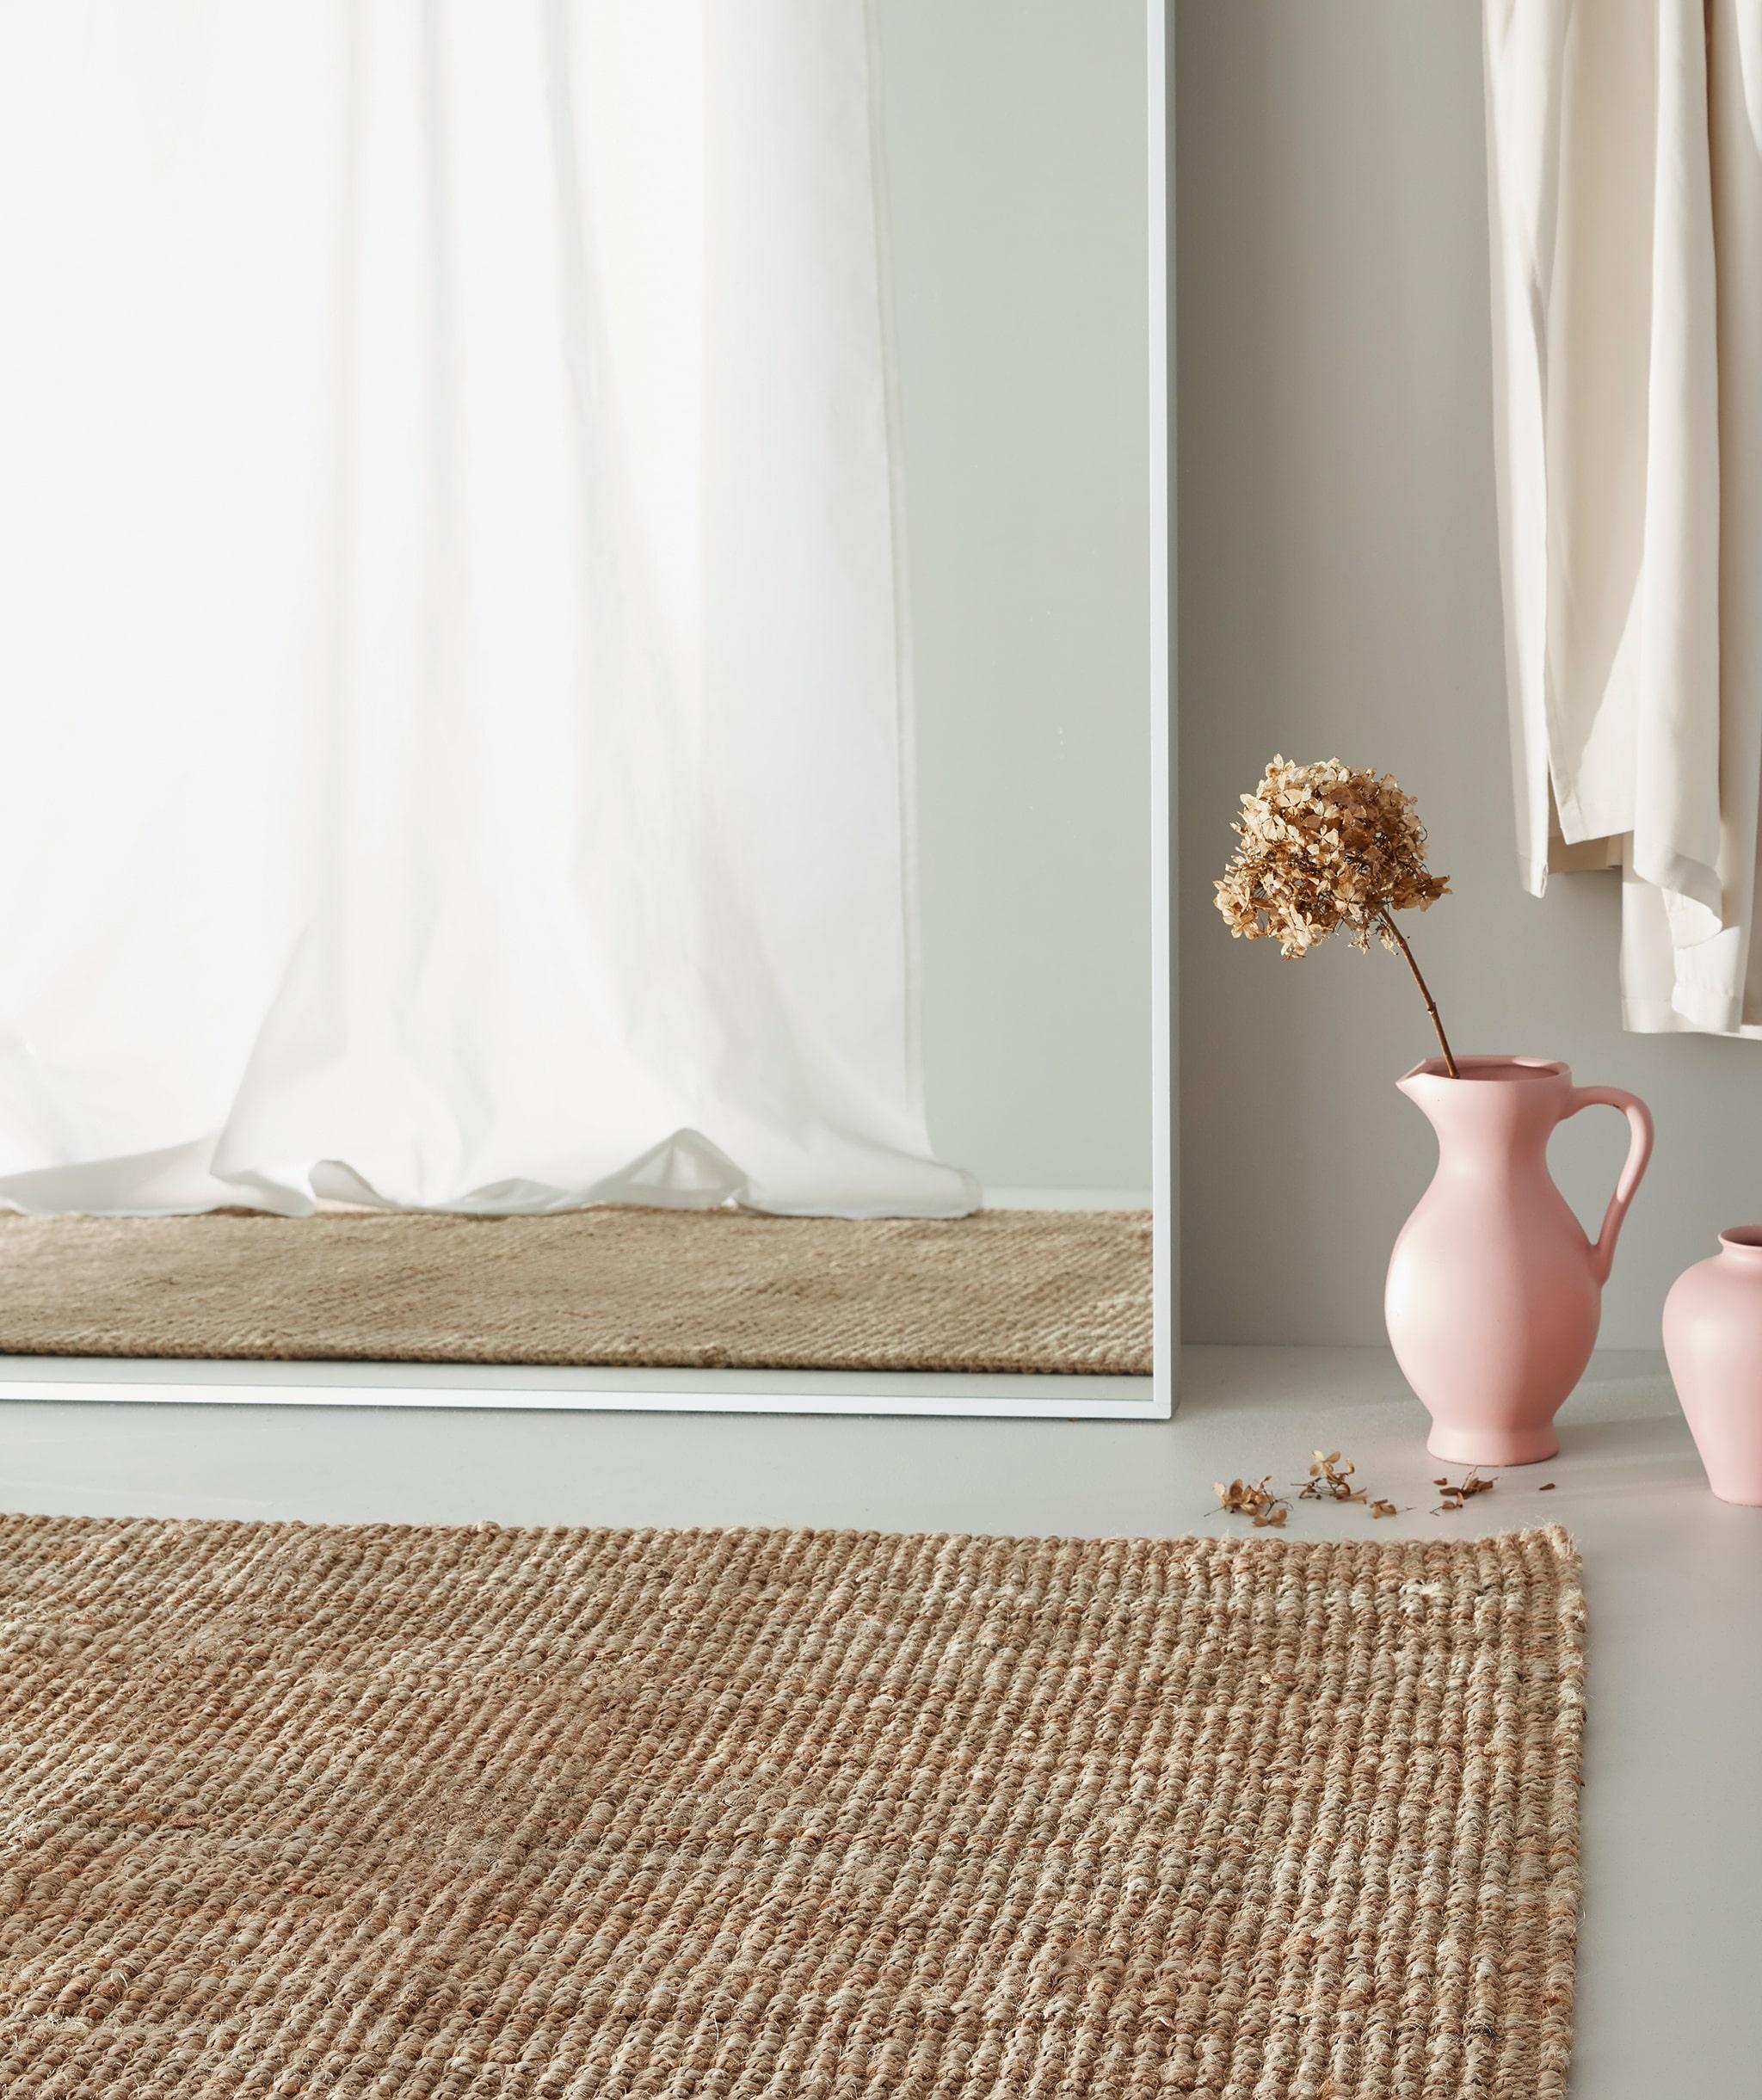 Karpet rami di lantai abu-abu, vas merah muda dengan bunga kering ada di sebelah cermin putih besar yang memantulkan tirai putih.